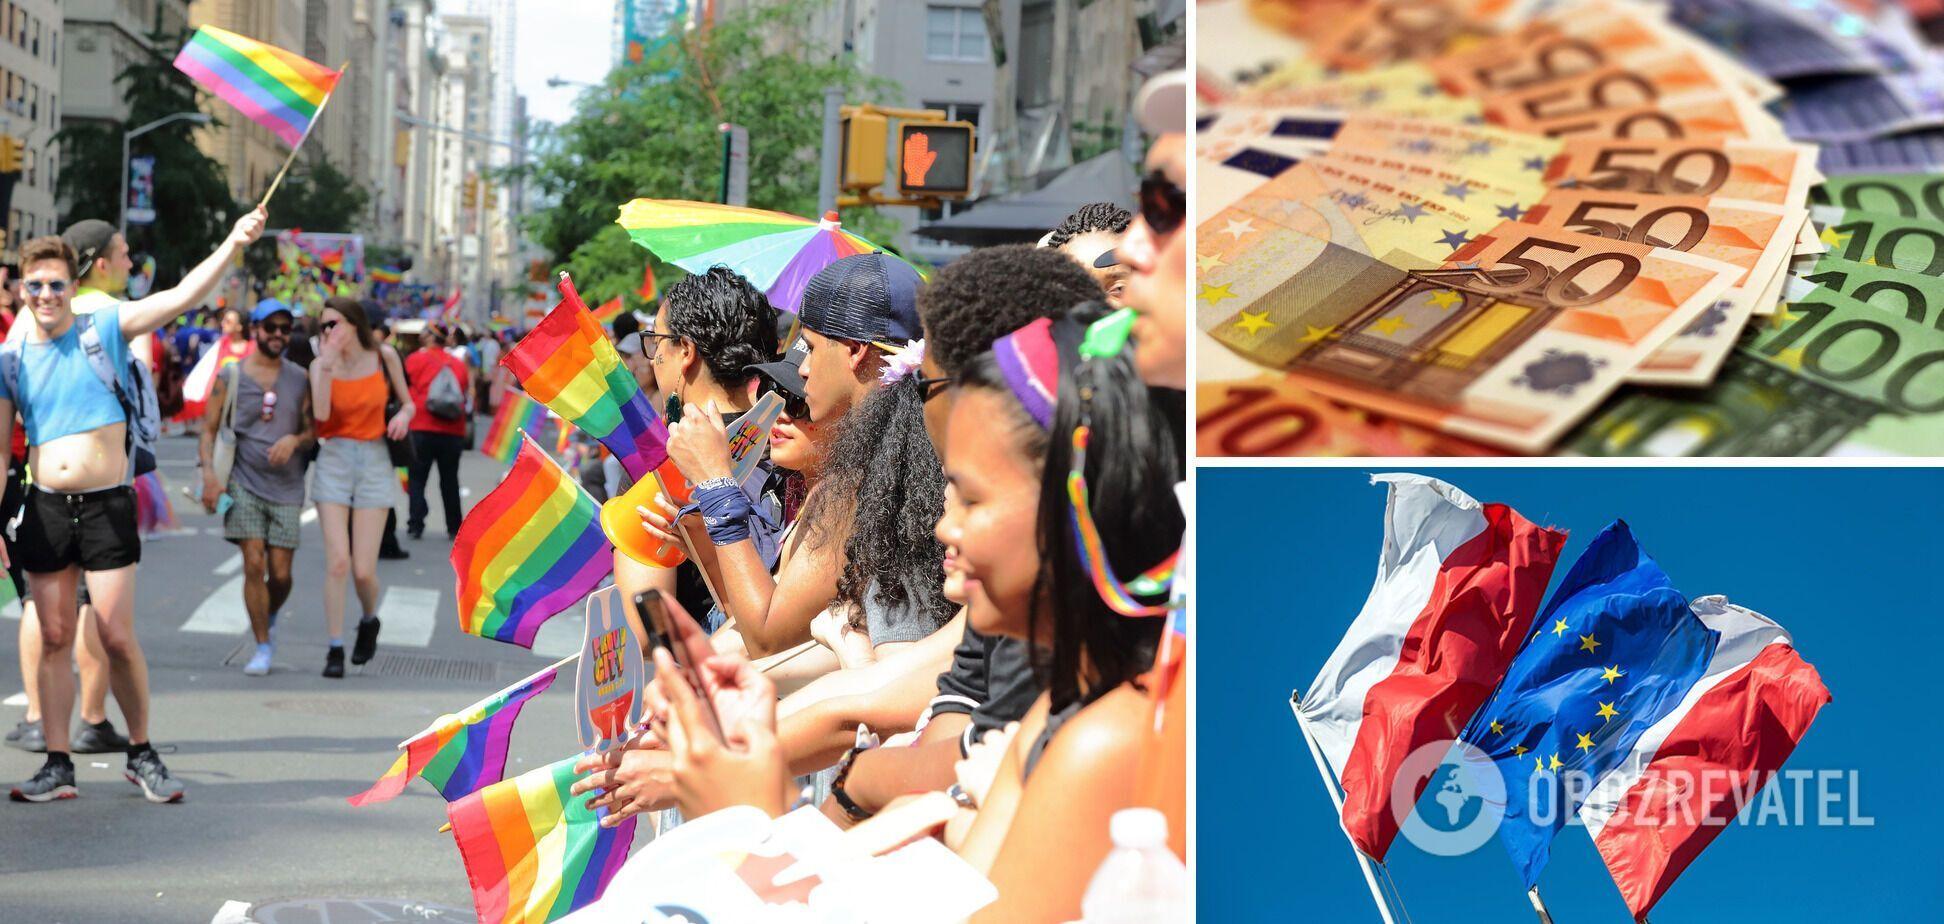 Польша из-за ЛГБТ может остаться без 126 млн евро от ЕС